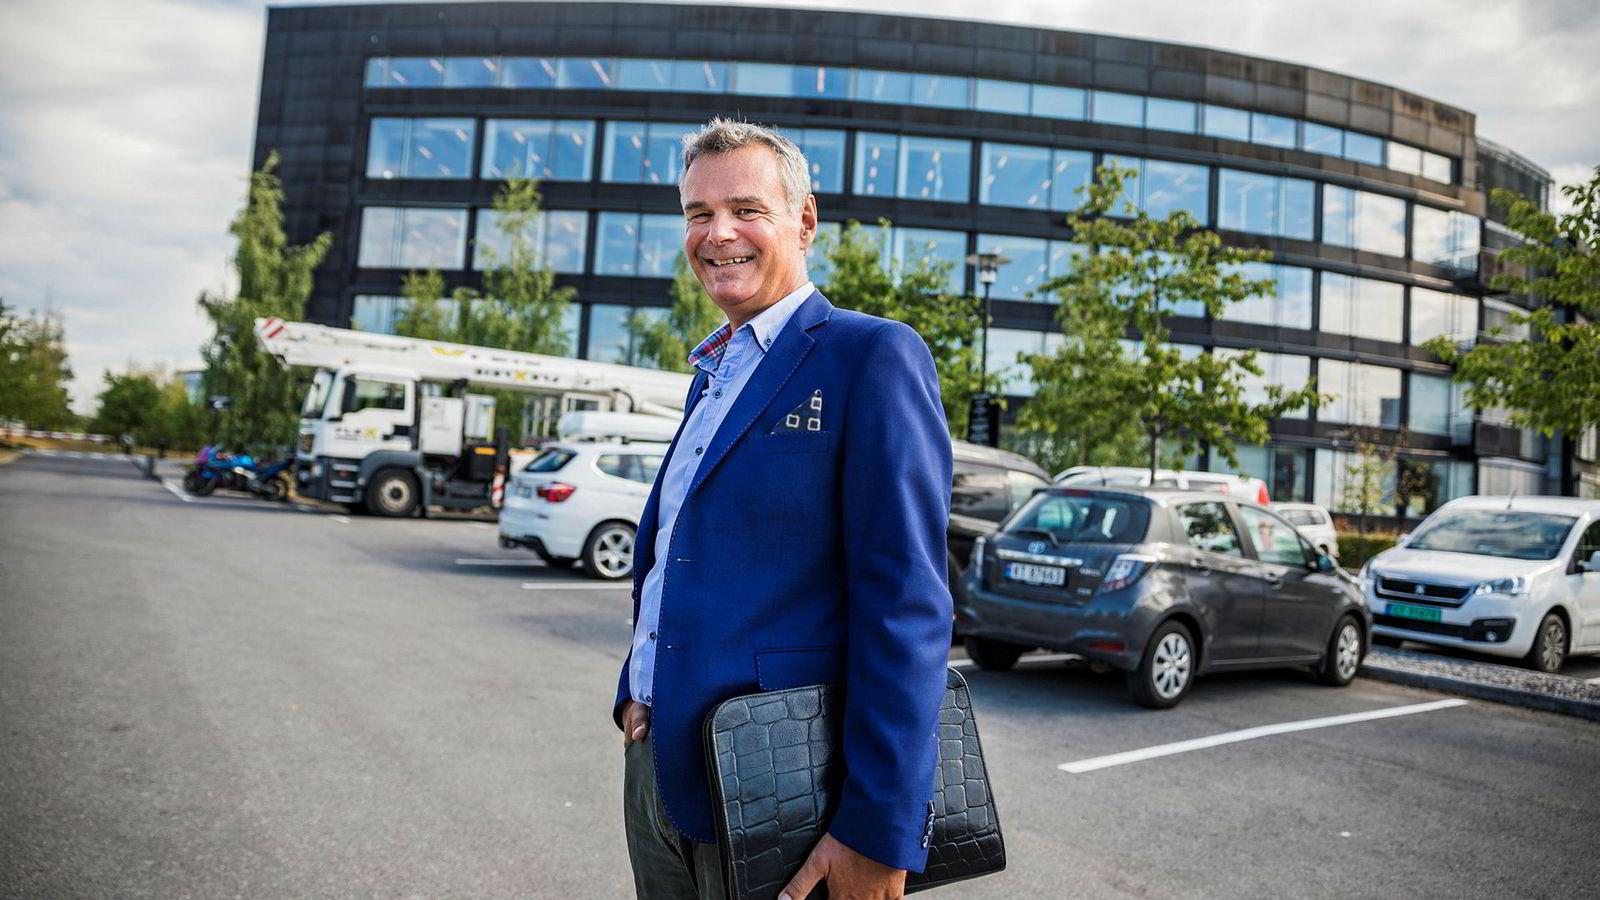 Hans Jørgen Elnæs er flyanalytiker i konsulentselskapet Win Air, og tror det er Boeing som vil dekke tapene som Norwegian nå lider under.